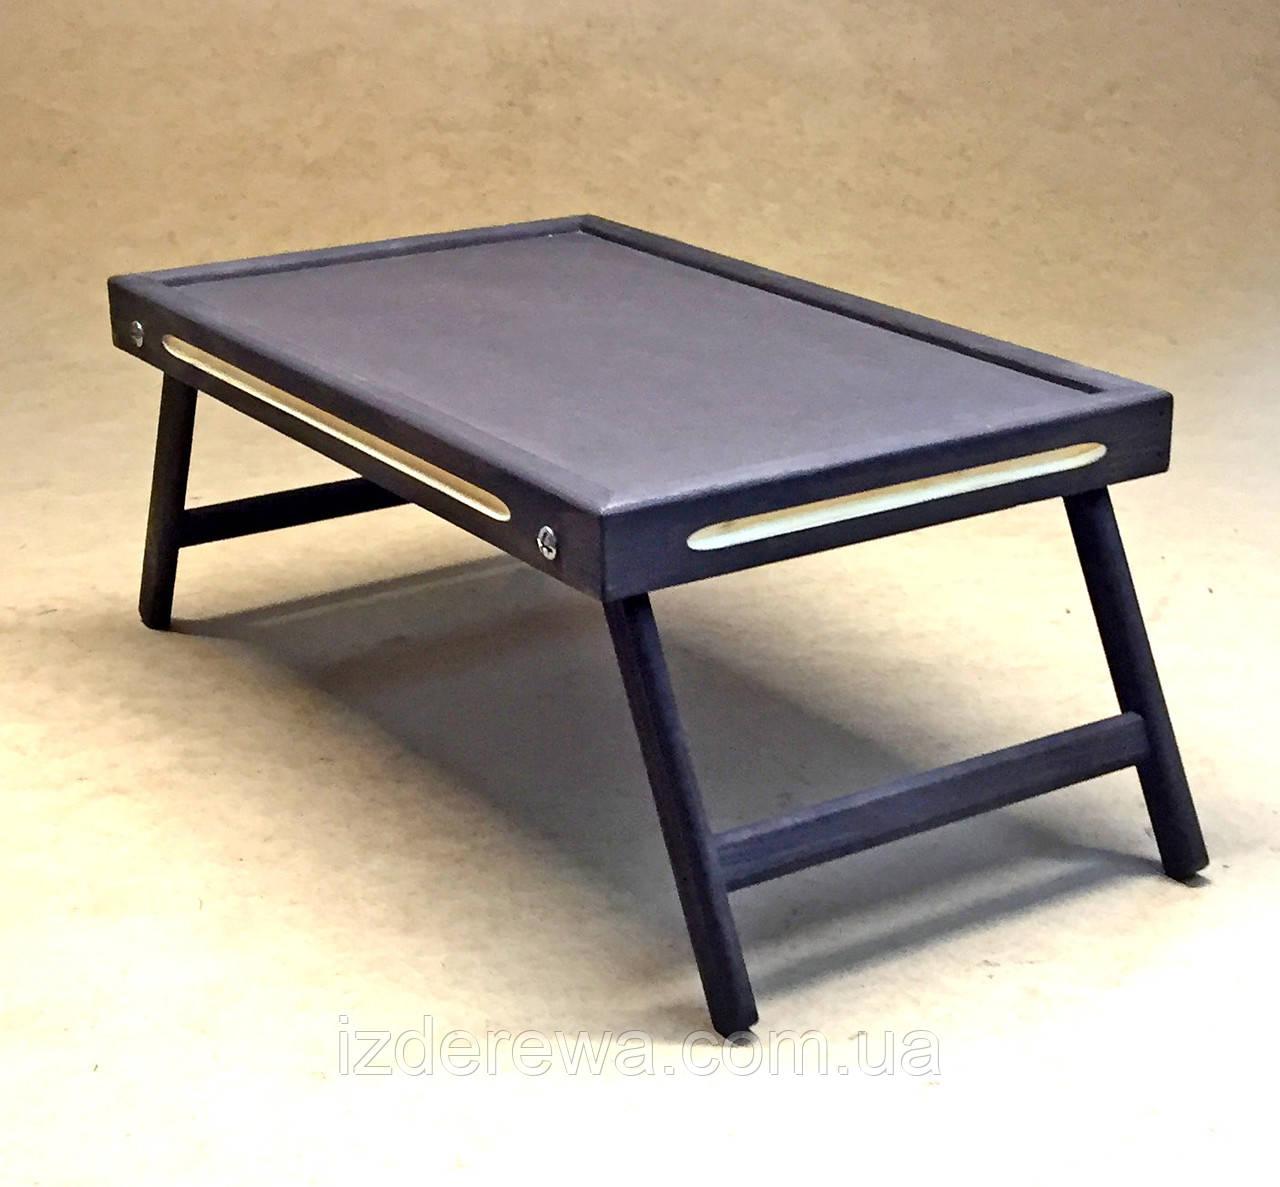 Столик-поднос для завтрака Даллас графит - фото 1